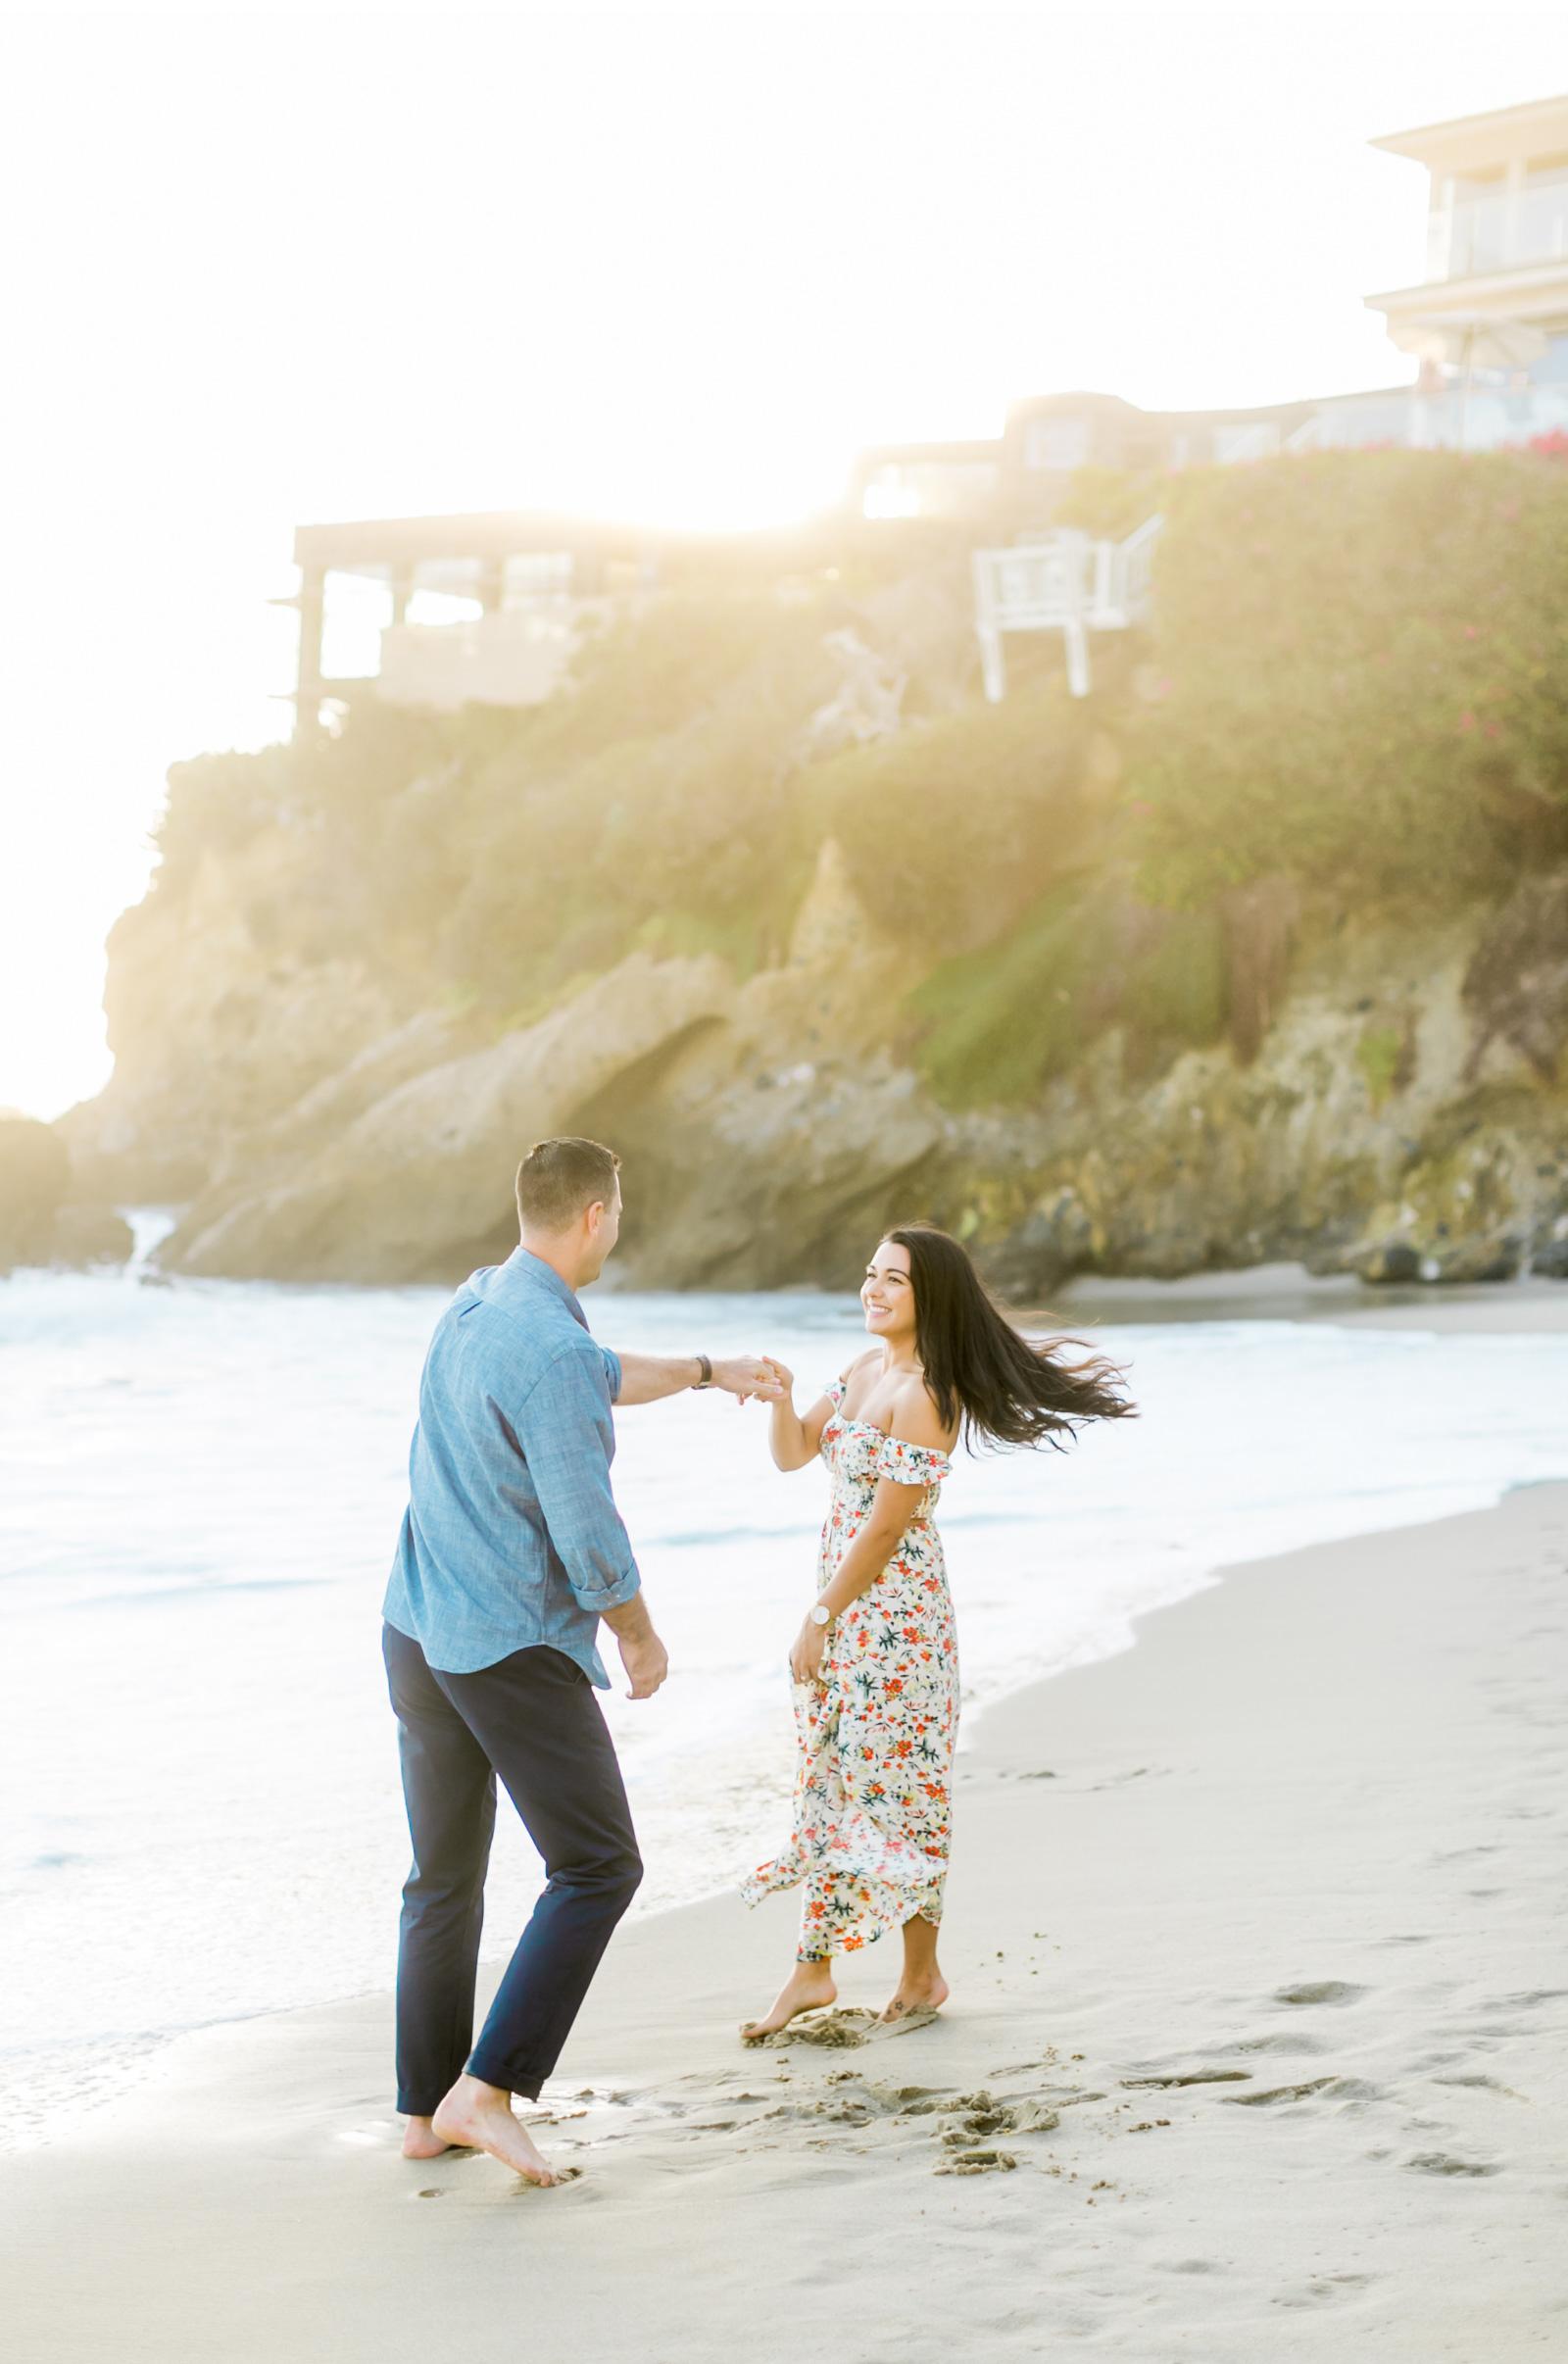 Pelican-Hill-Laguna-Beach-Wedding-Photographer-Natalie-Schutt-Photography_10.jpg